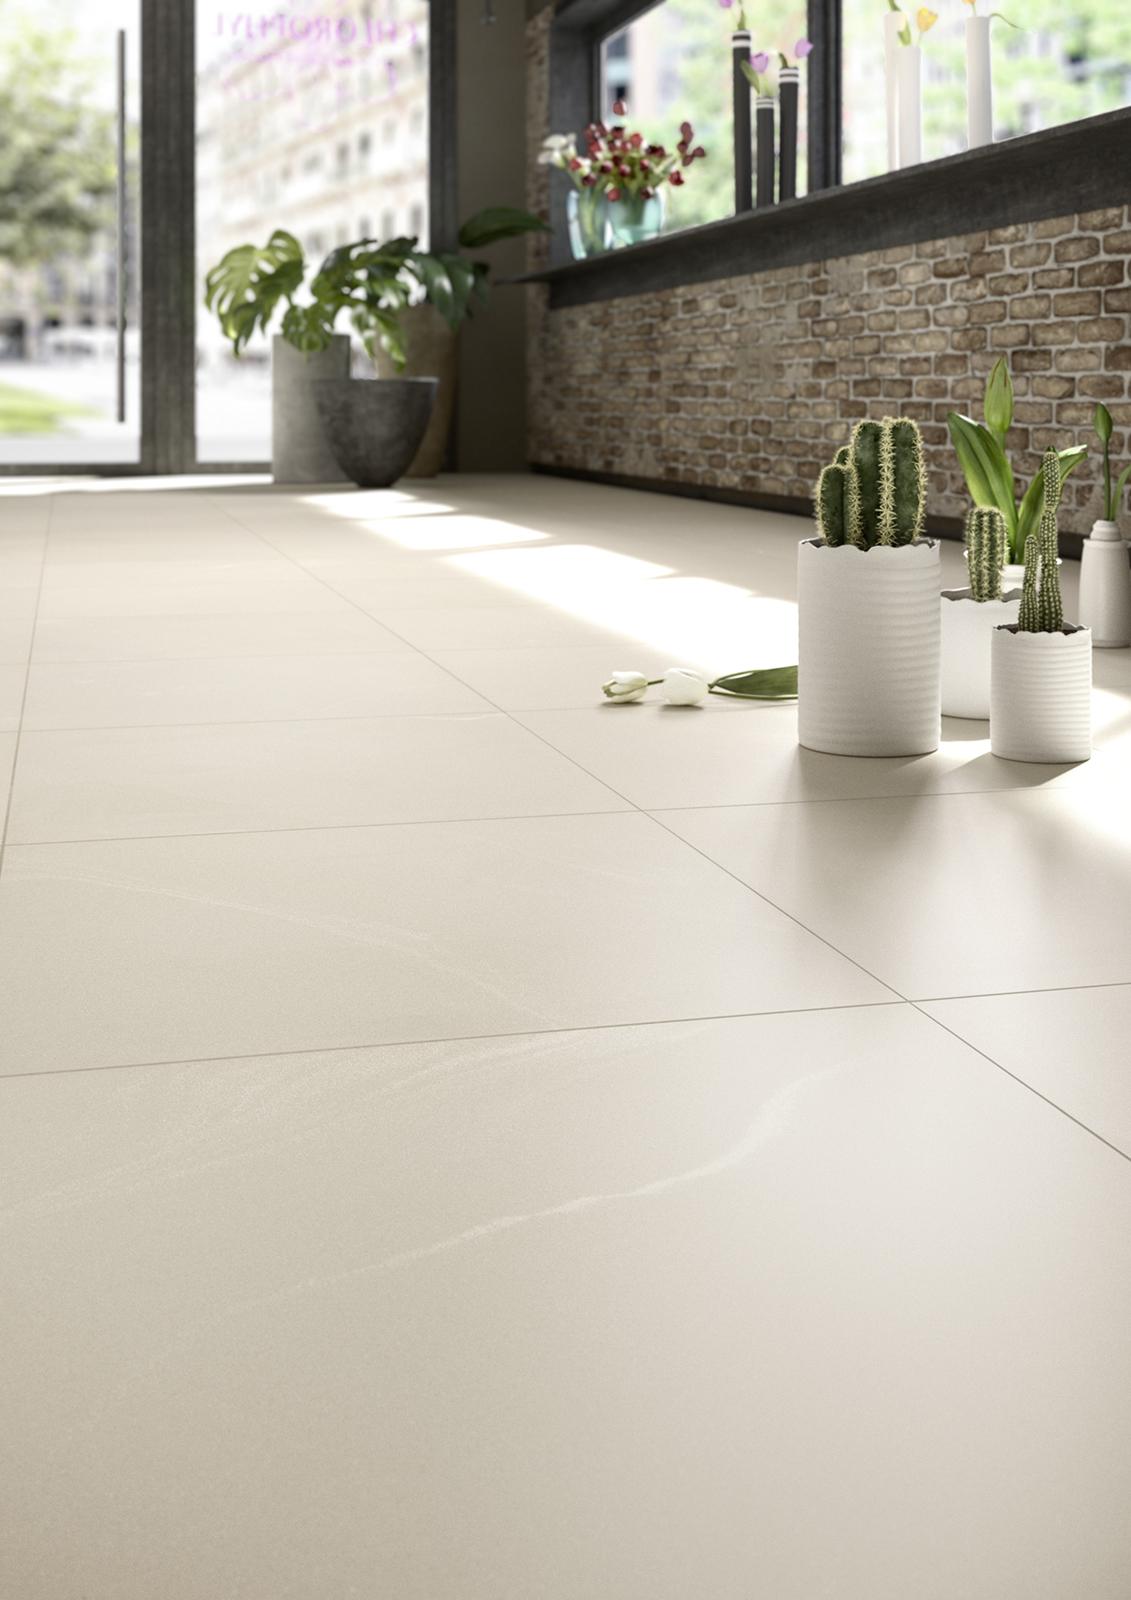 Idee per pavimenti interni idee creative e innovative - Idee per interni casa ...